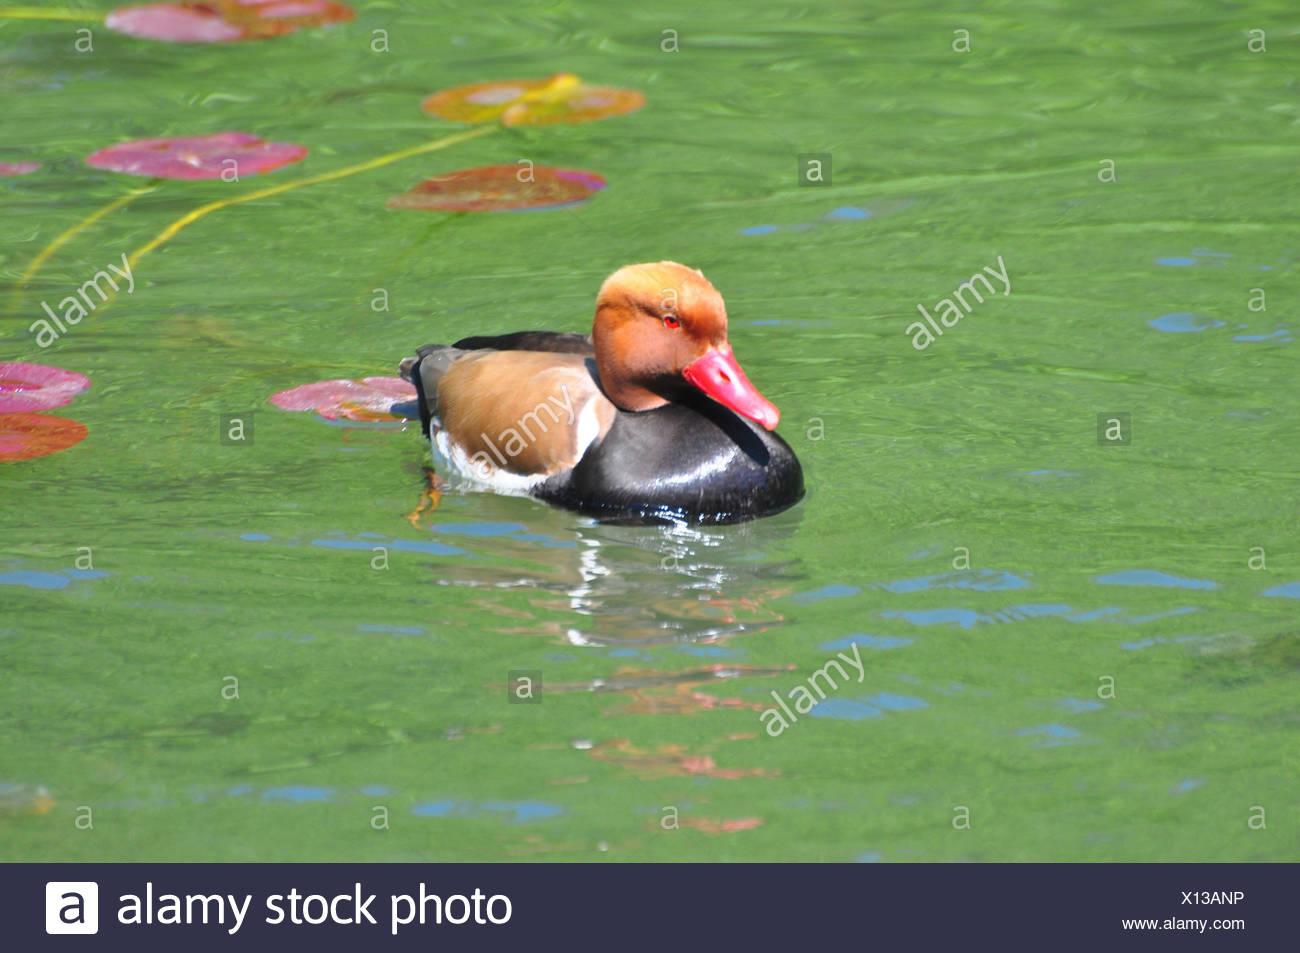 Ornithology, flask duck, swim, - Stock Image